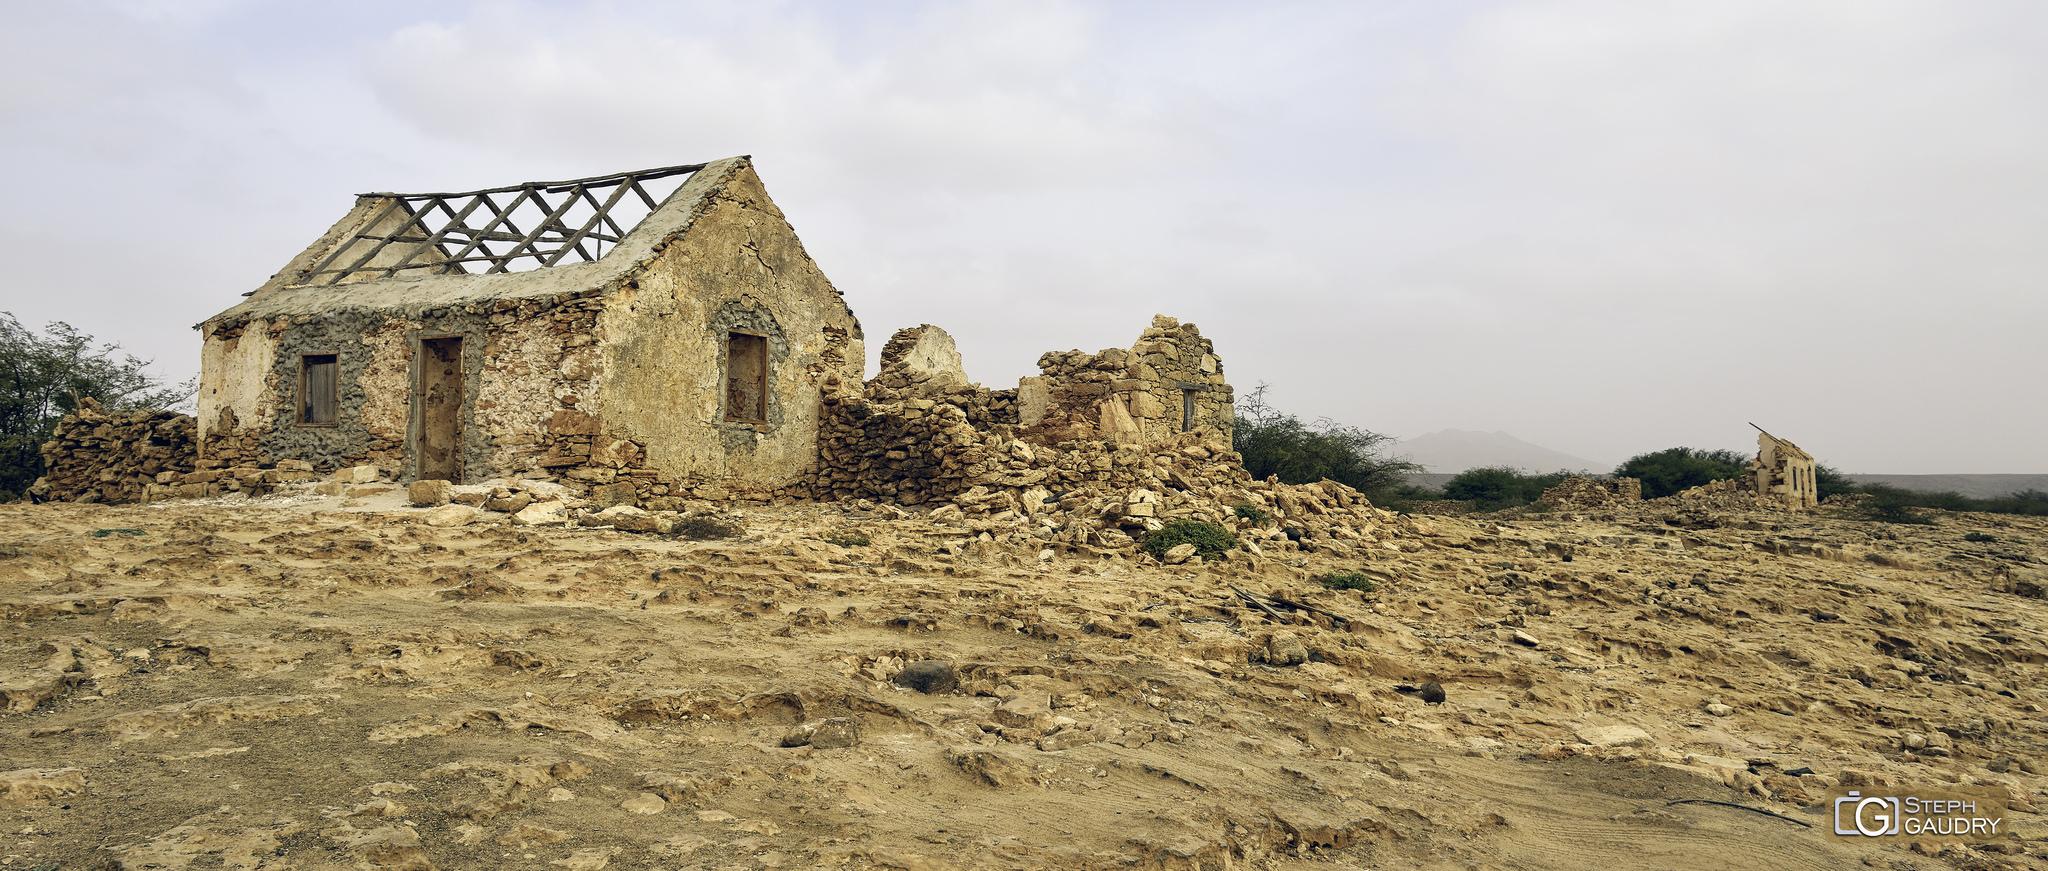 Le village abandonné - Curral Velho [Cliquez pour lancer le diaporama]